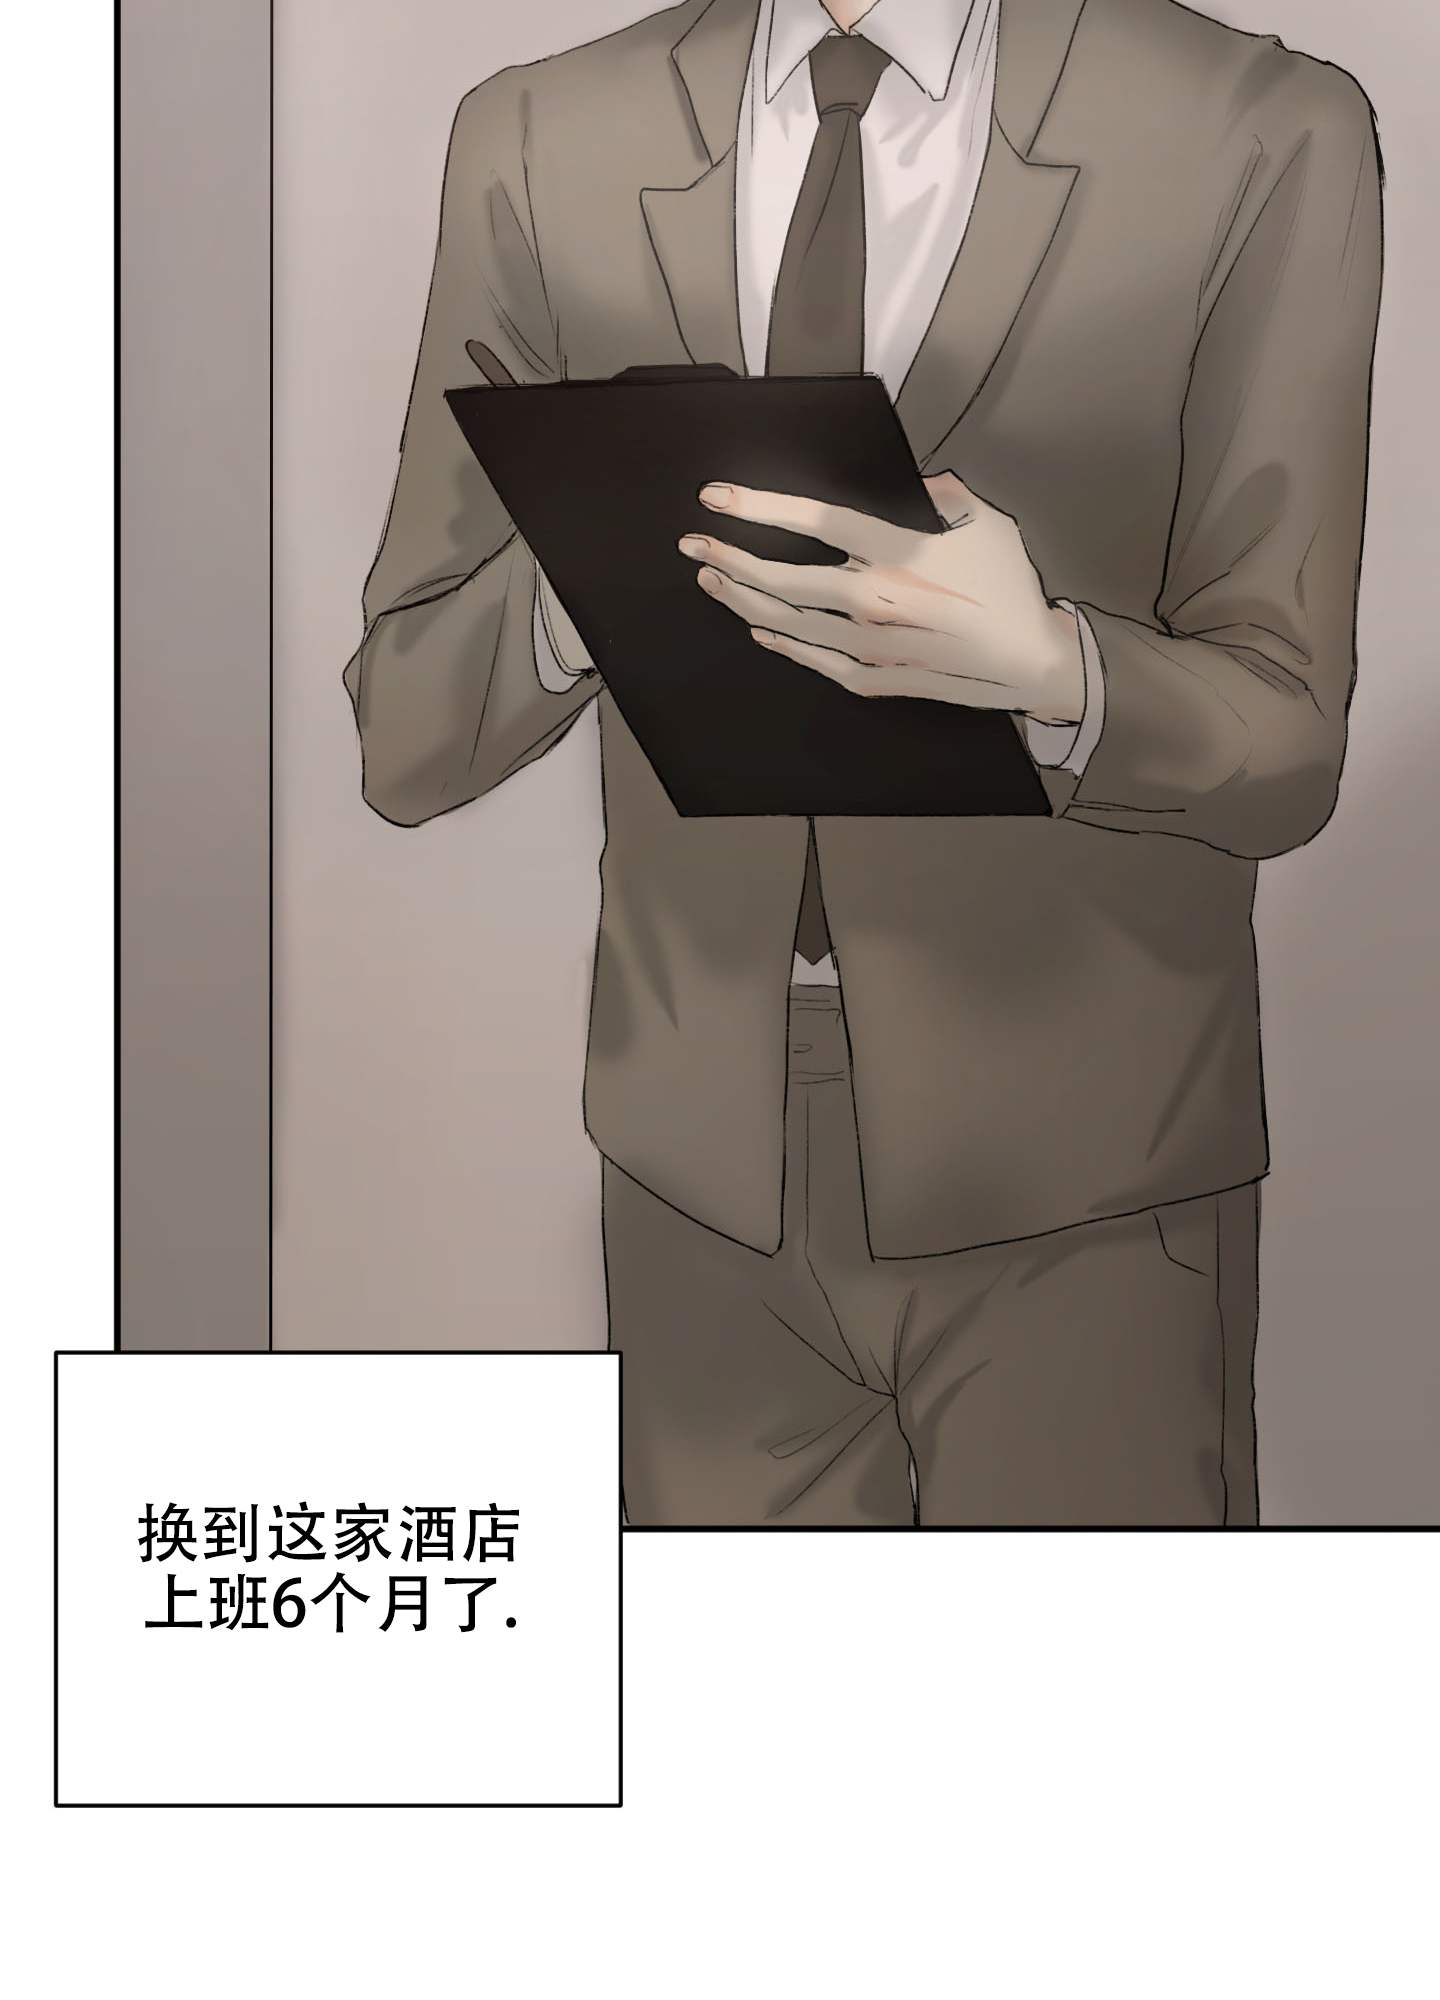 韩漫 |《恶魔的低语》年下痞老板,上来就扑倒!  第40张